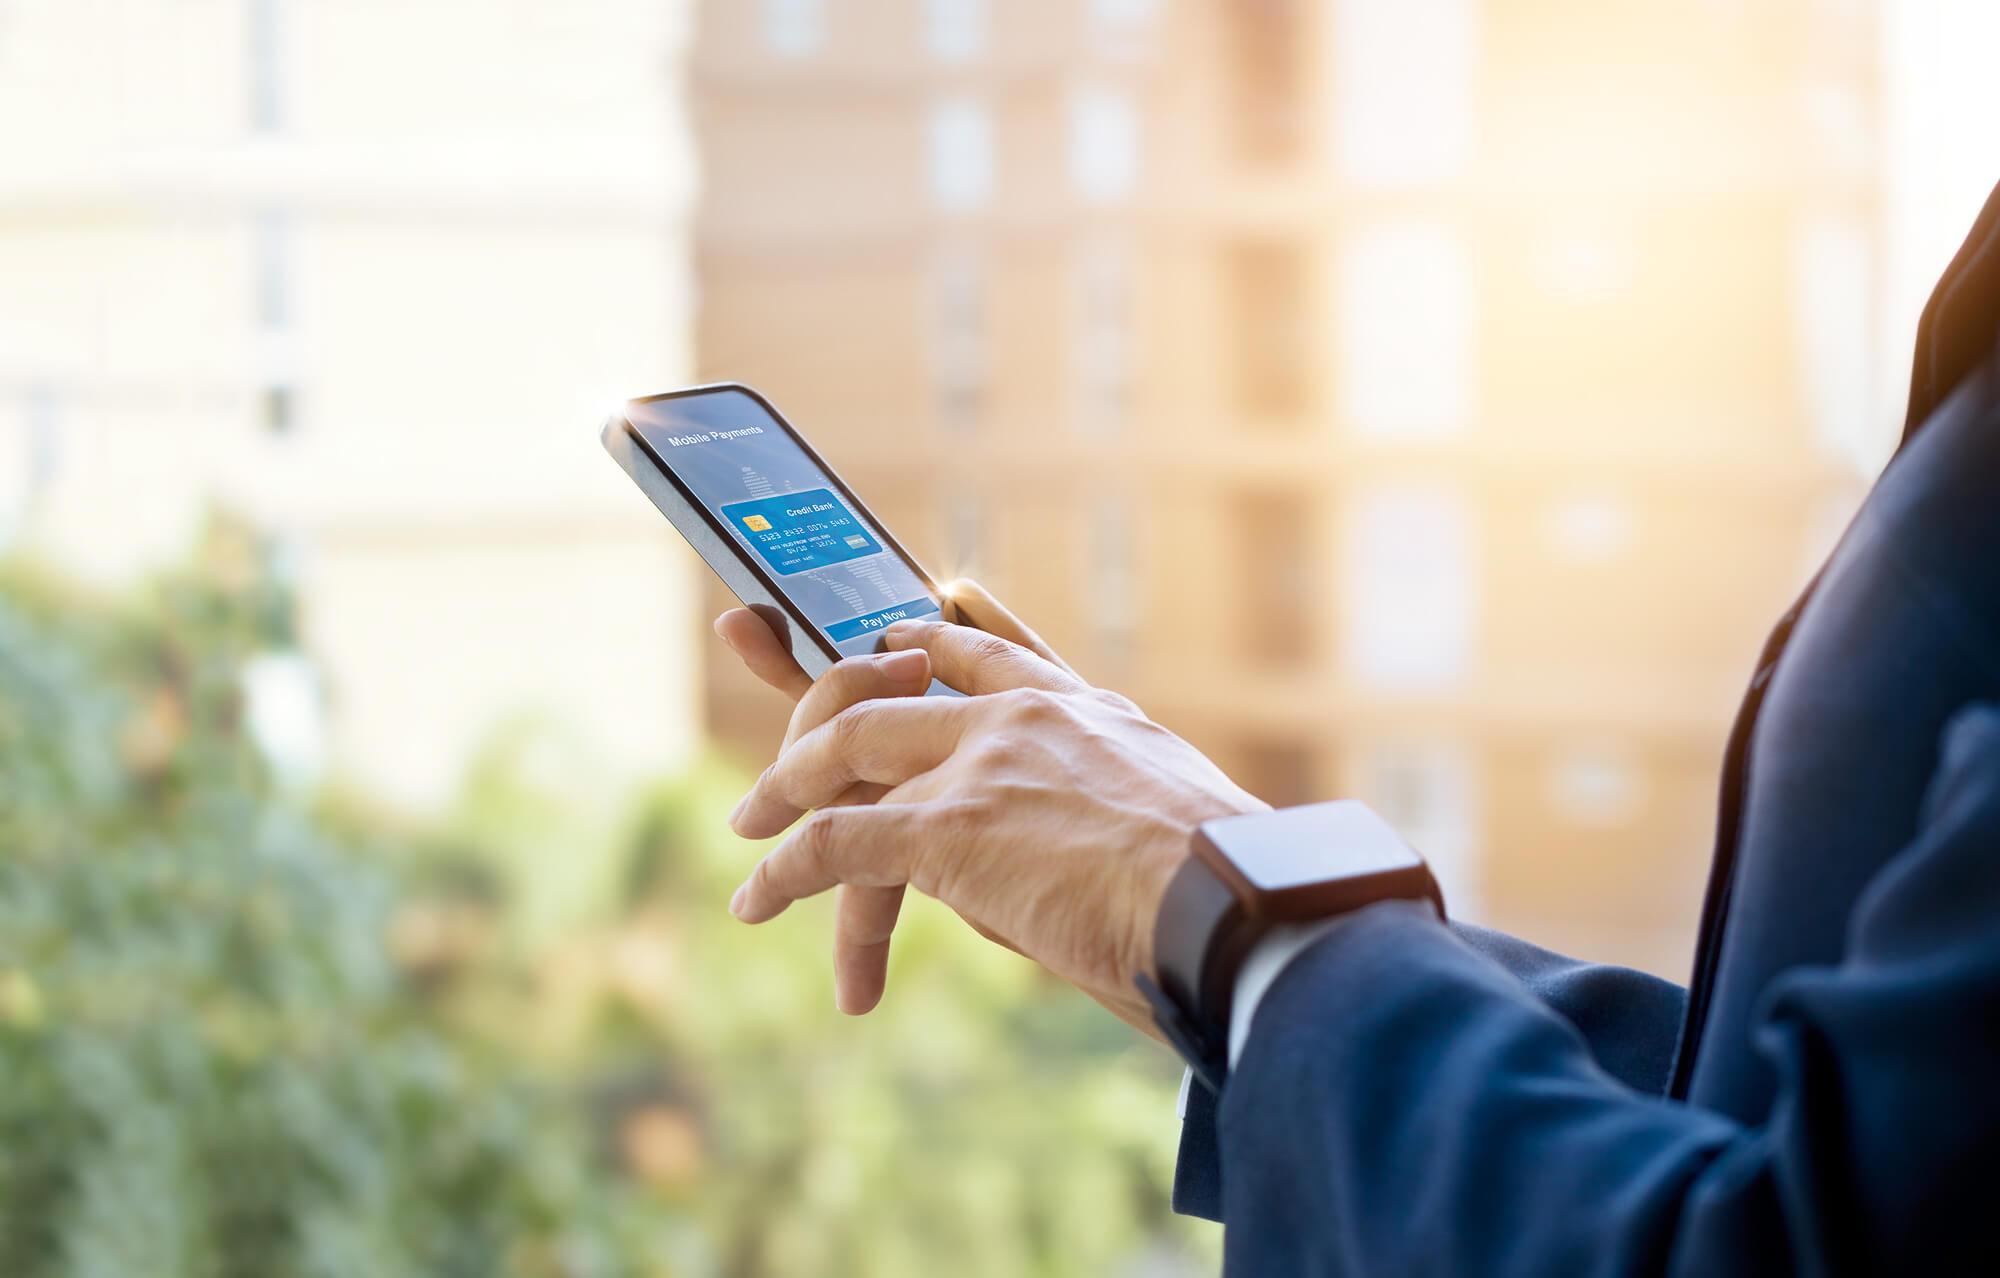 Quais as vantagens de usar o aplicativo do seu banco?